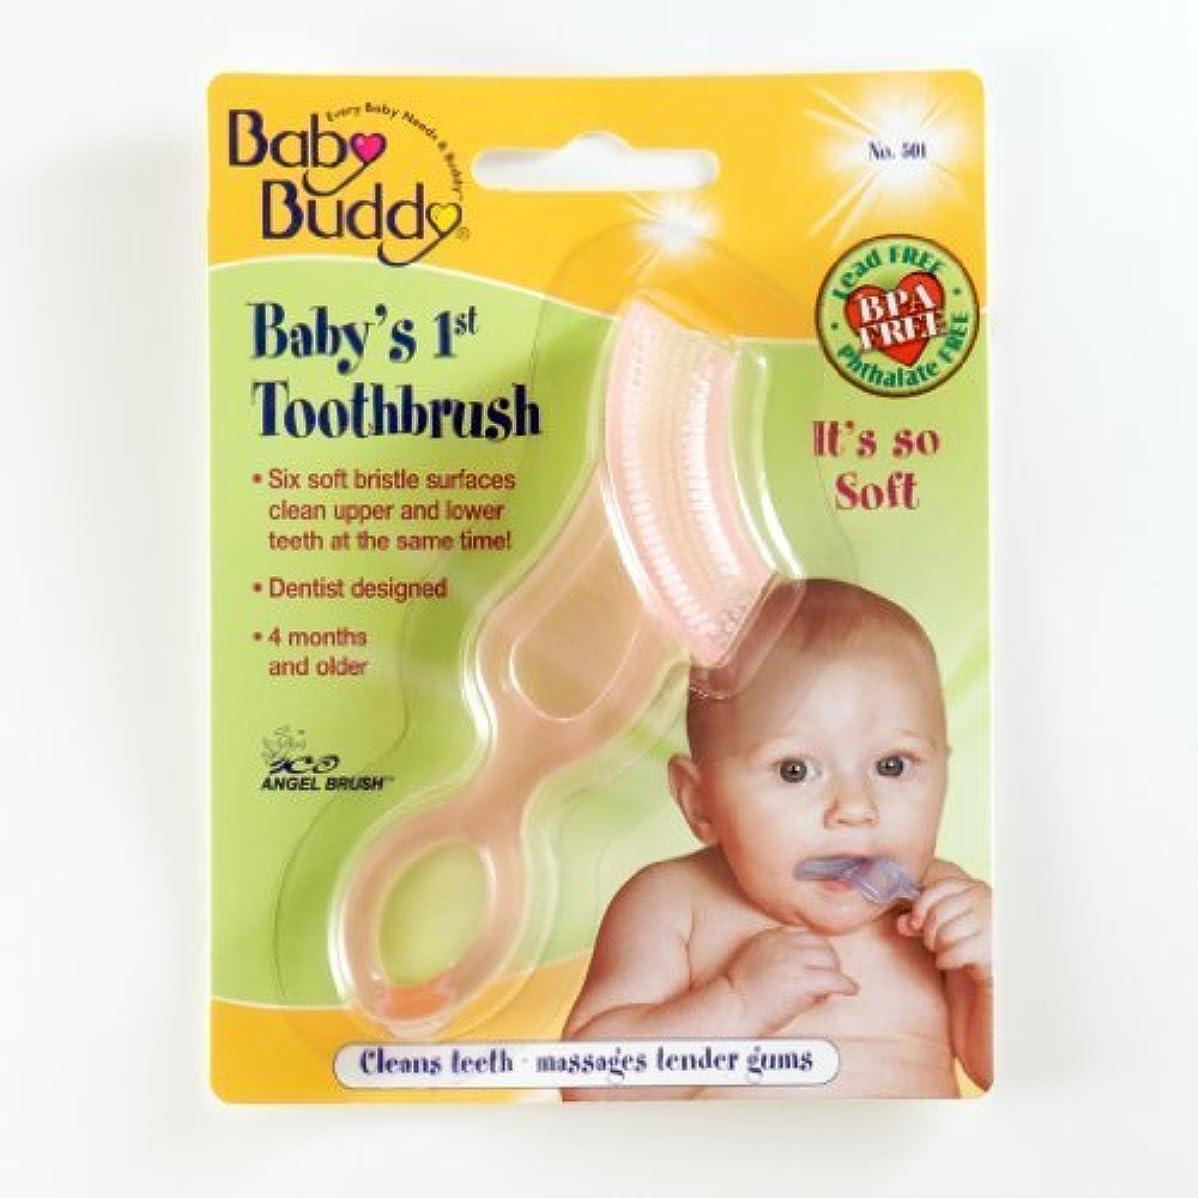 笑トリム役員Baby Buddy: Baby's 1st Toothbrush by Baby Buddy [並行輸入品]